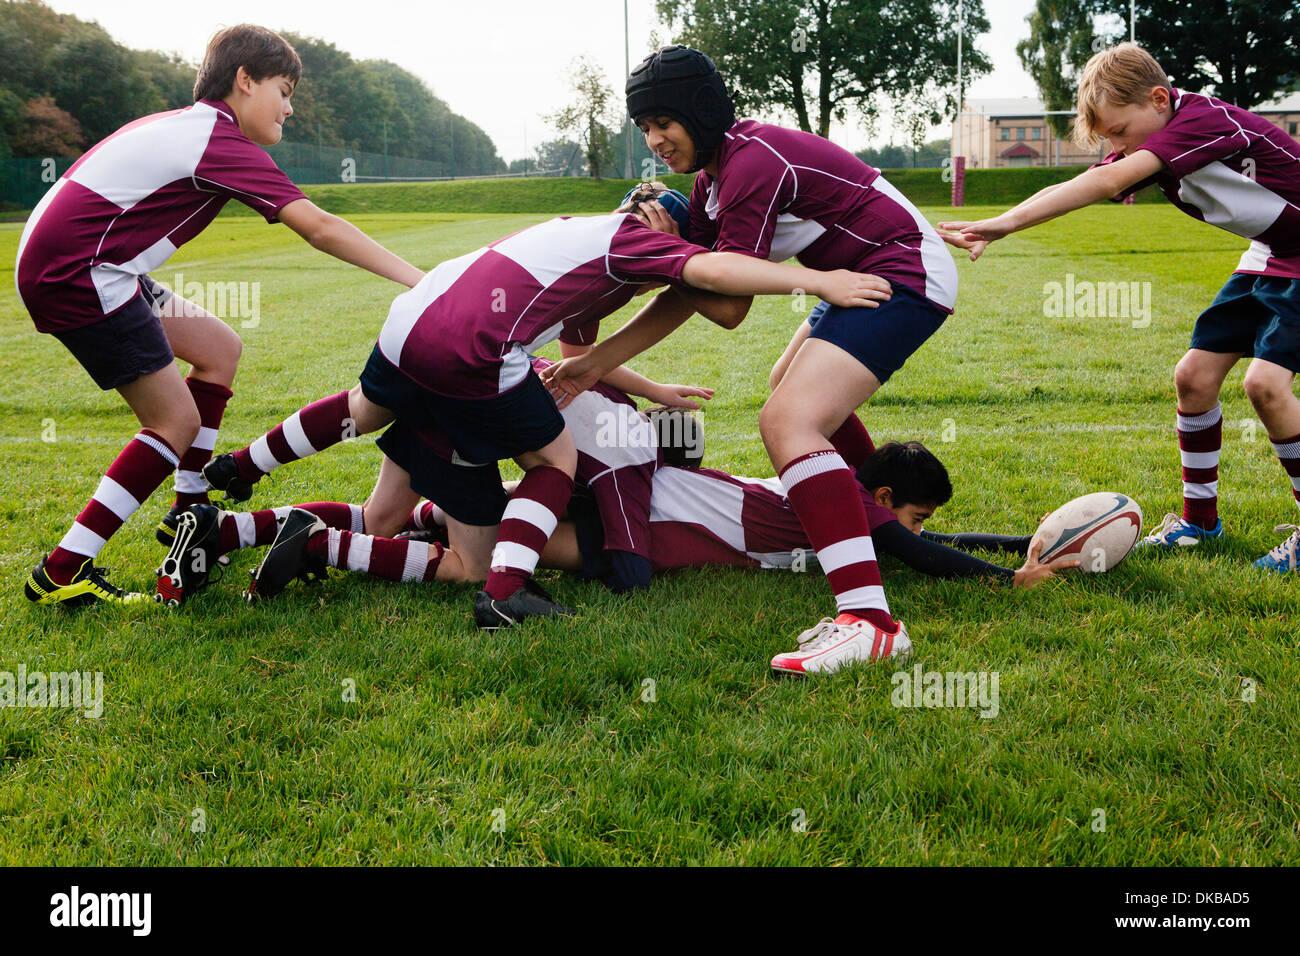 La pratique de l'équipe de rugby d'écolier d'adolescent Photo Stock